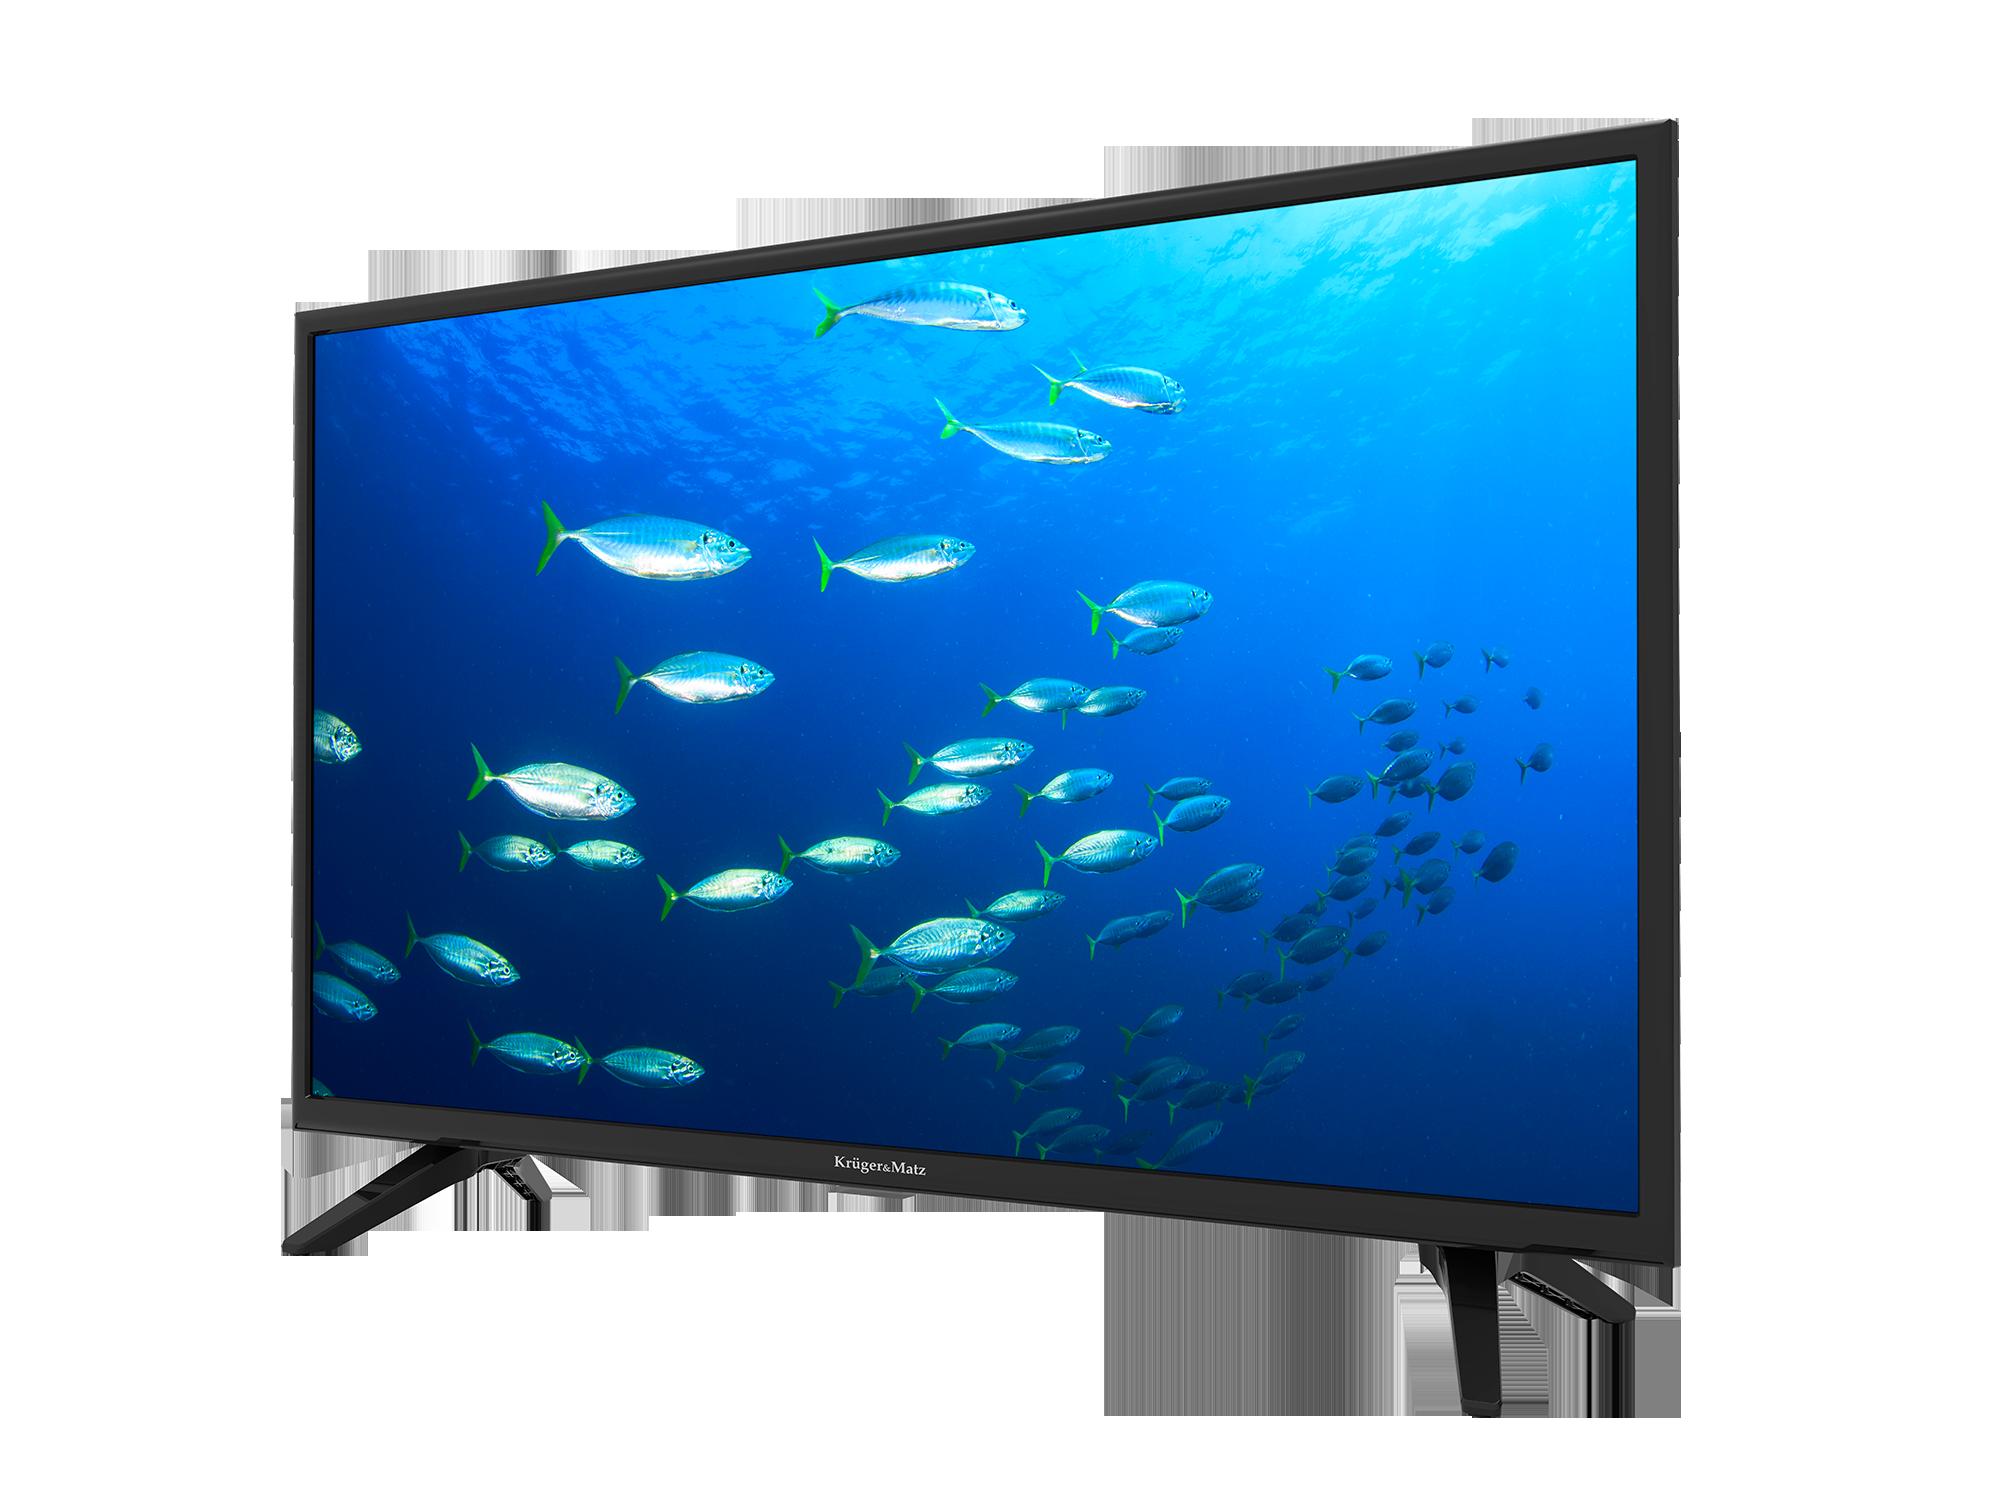 Televize Kruger & Matz s LED s úhlopříčkou 32 palců